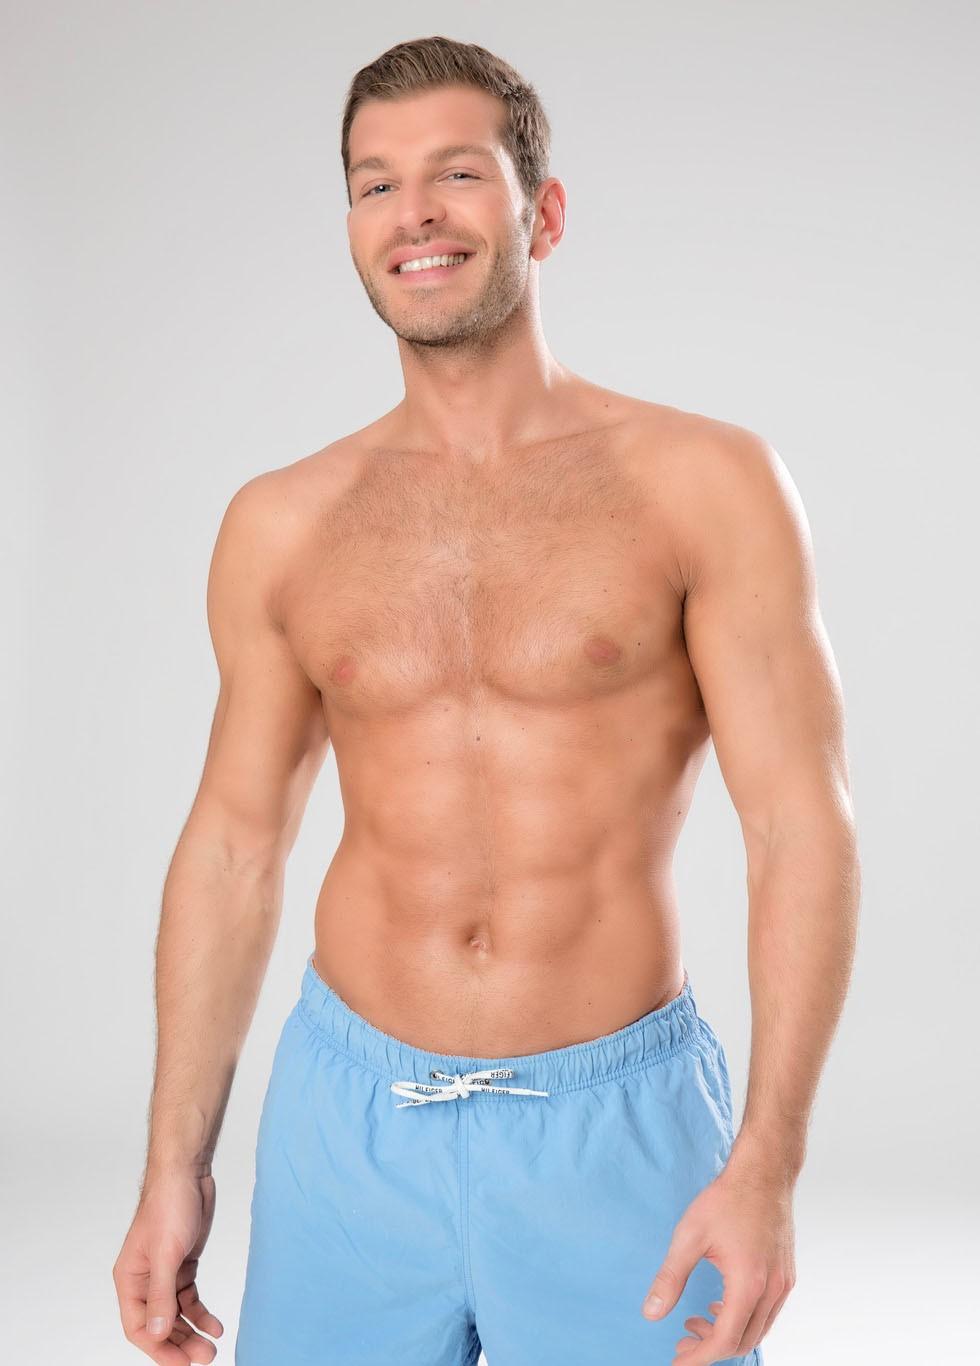 Darek sin camiseta